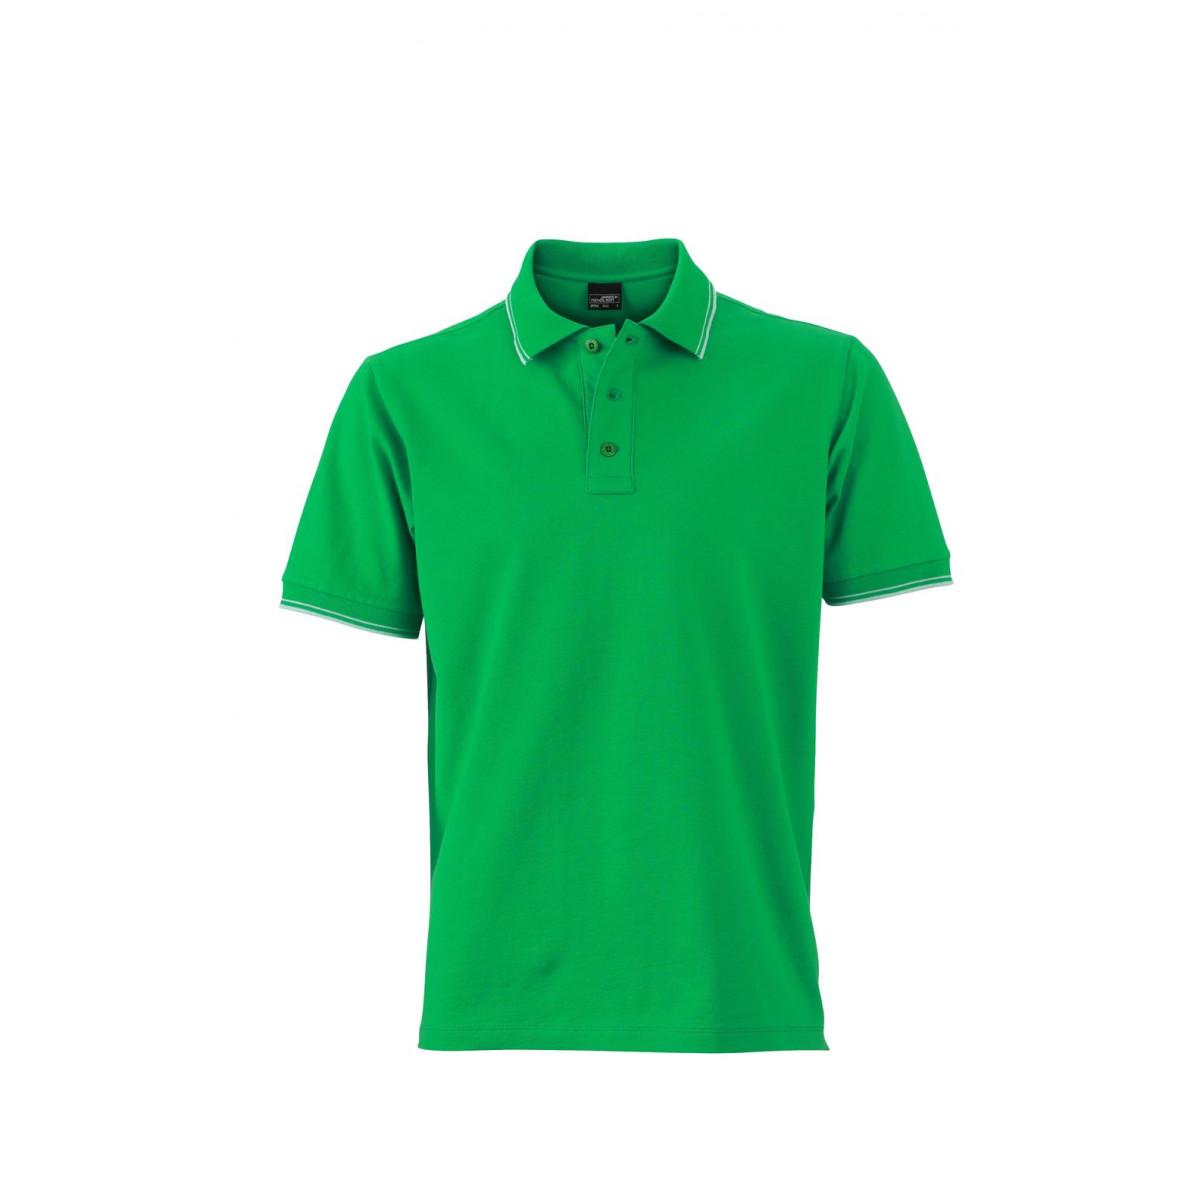 Рубашка поло мужская JN986 Mens Polo - Насыщенный зеленый/Белый